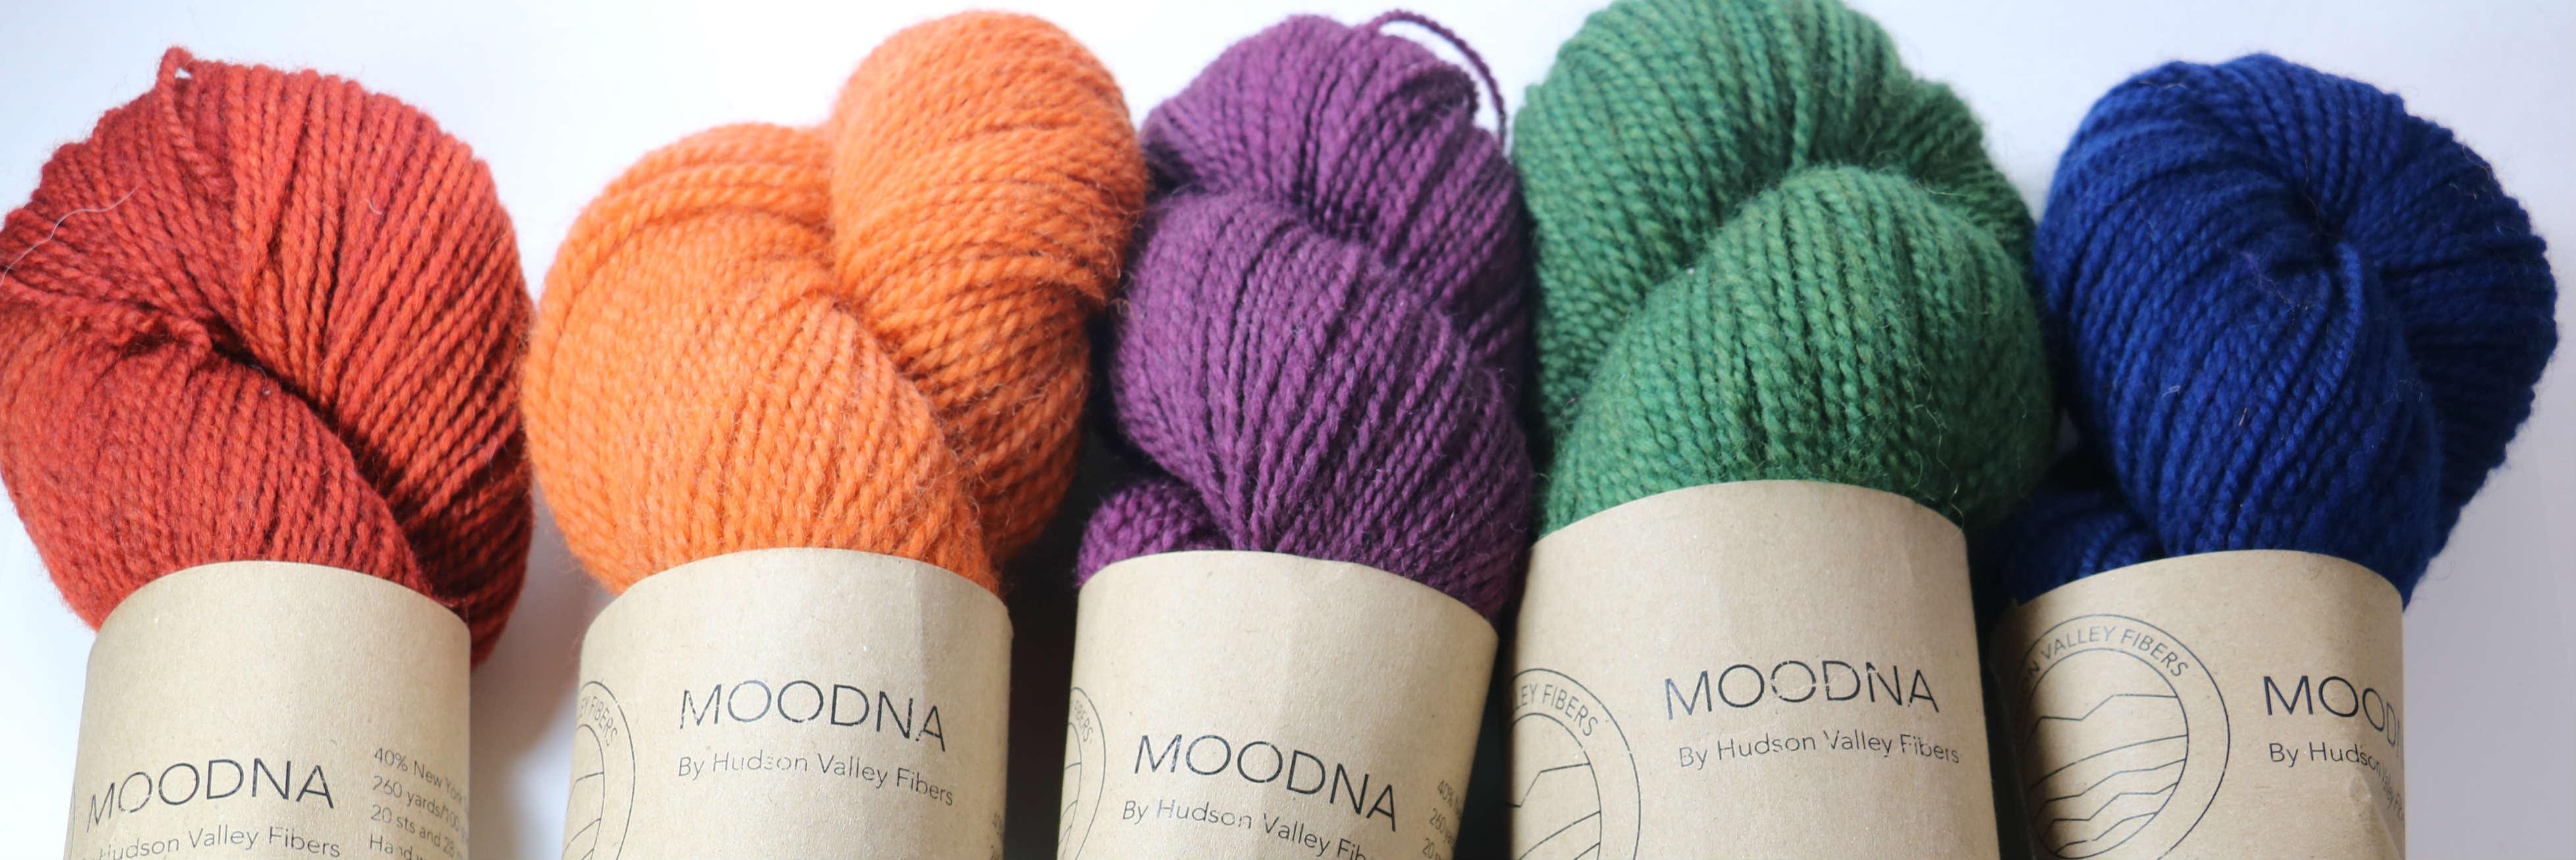 Moodna Colors